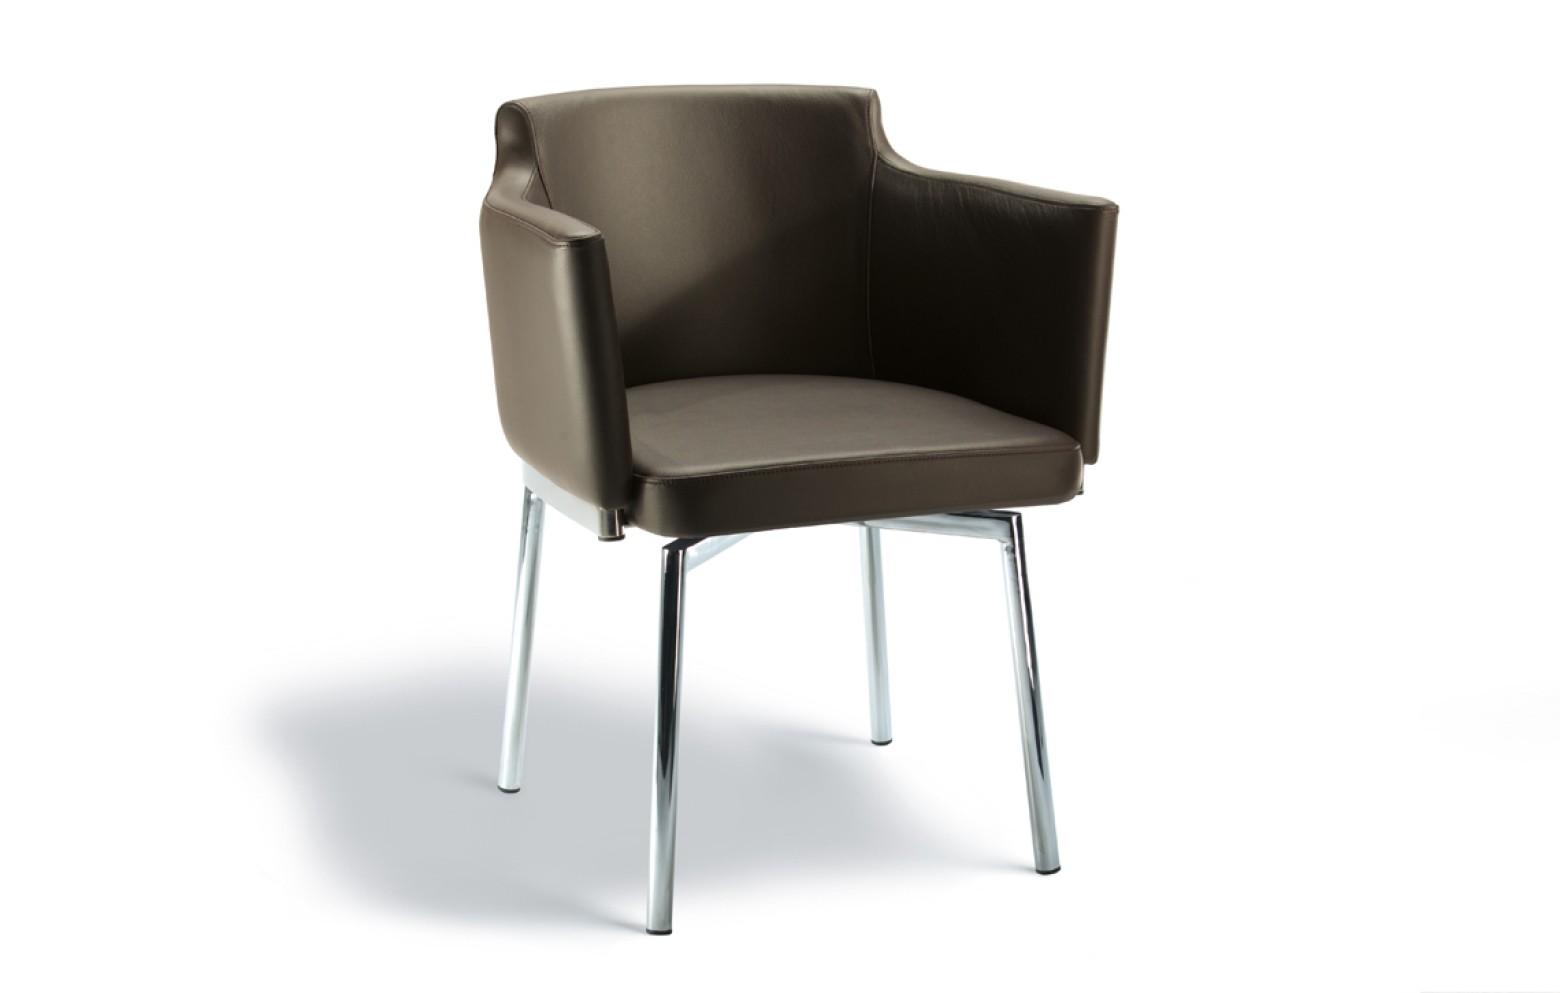 Designer sthle leder top kare design stuhl gesteppte leder grau und schwarz downtown with - Mobel taxi augsburg ...